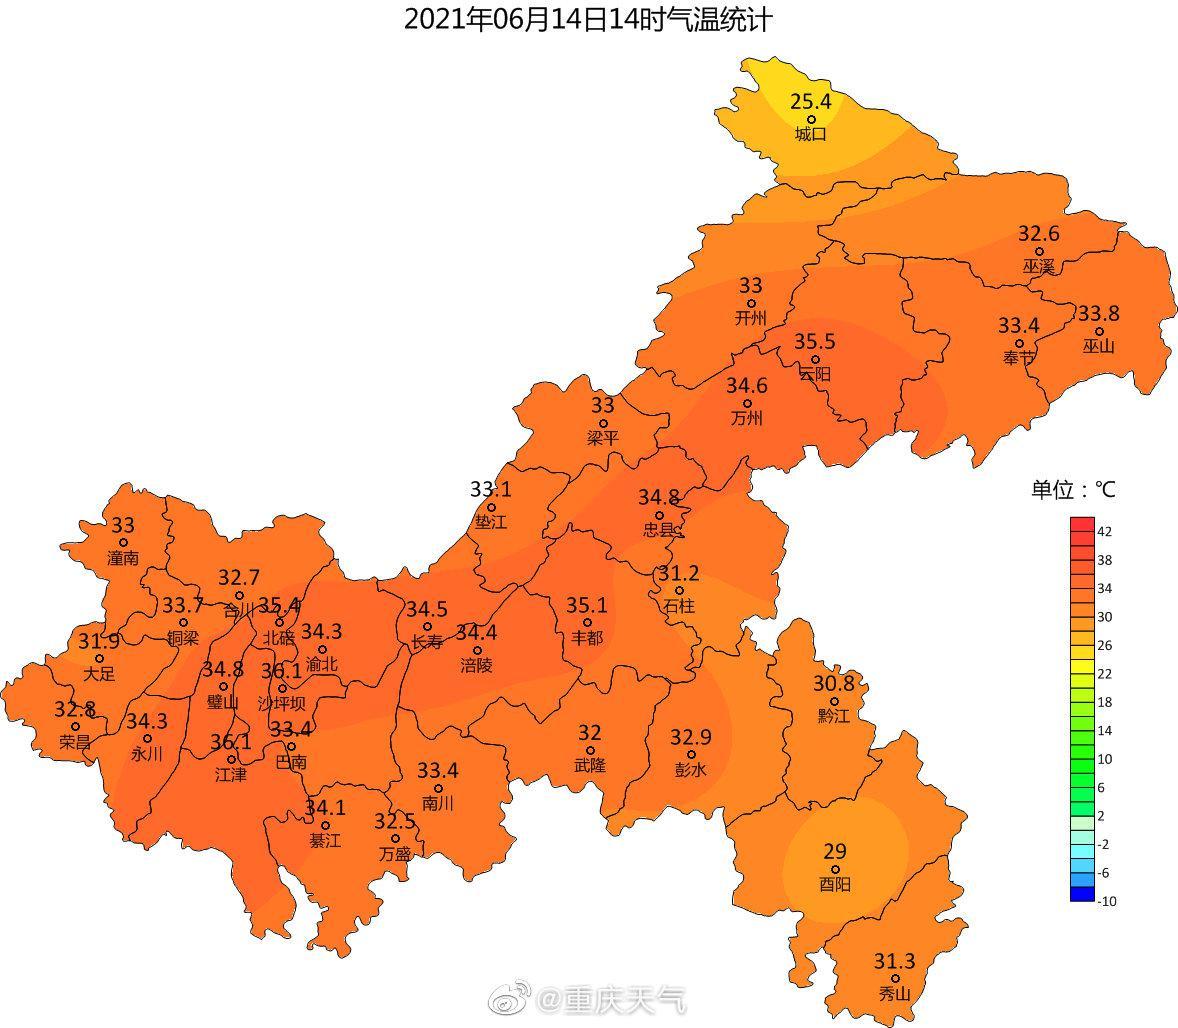 江津、沙坪坝站36.1℃ 全市最高